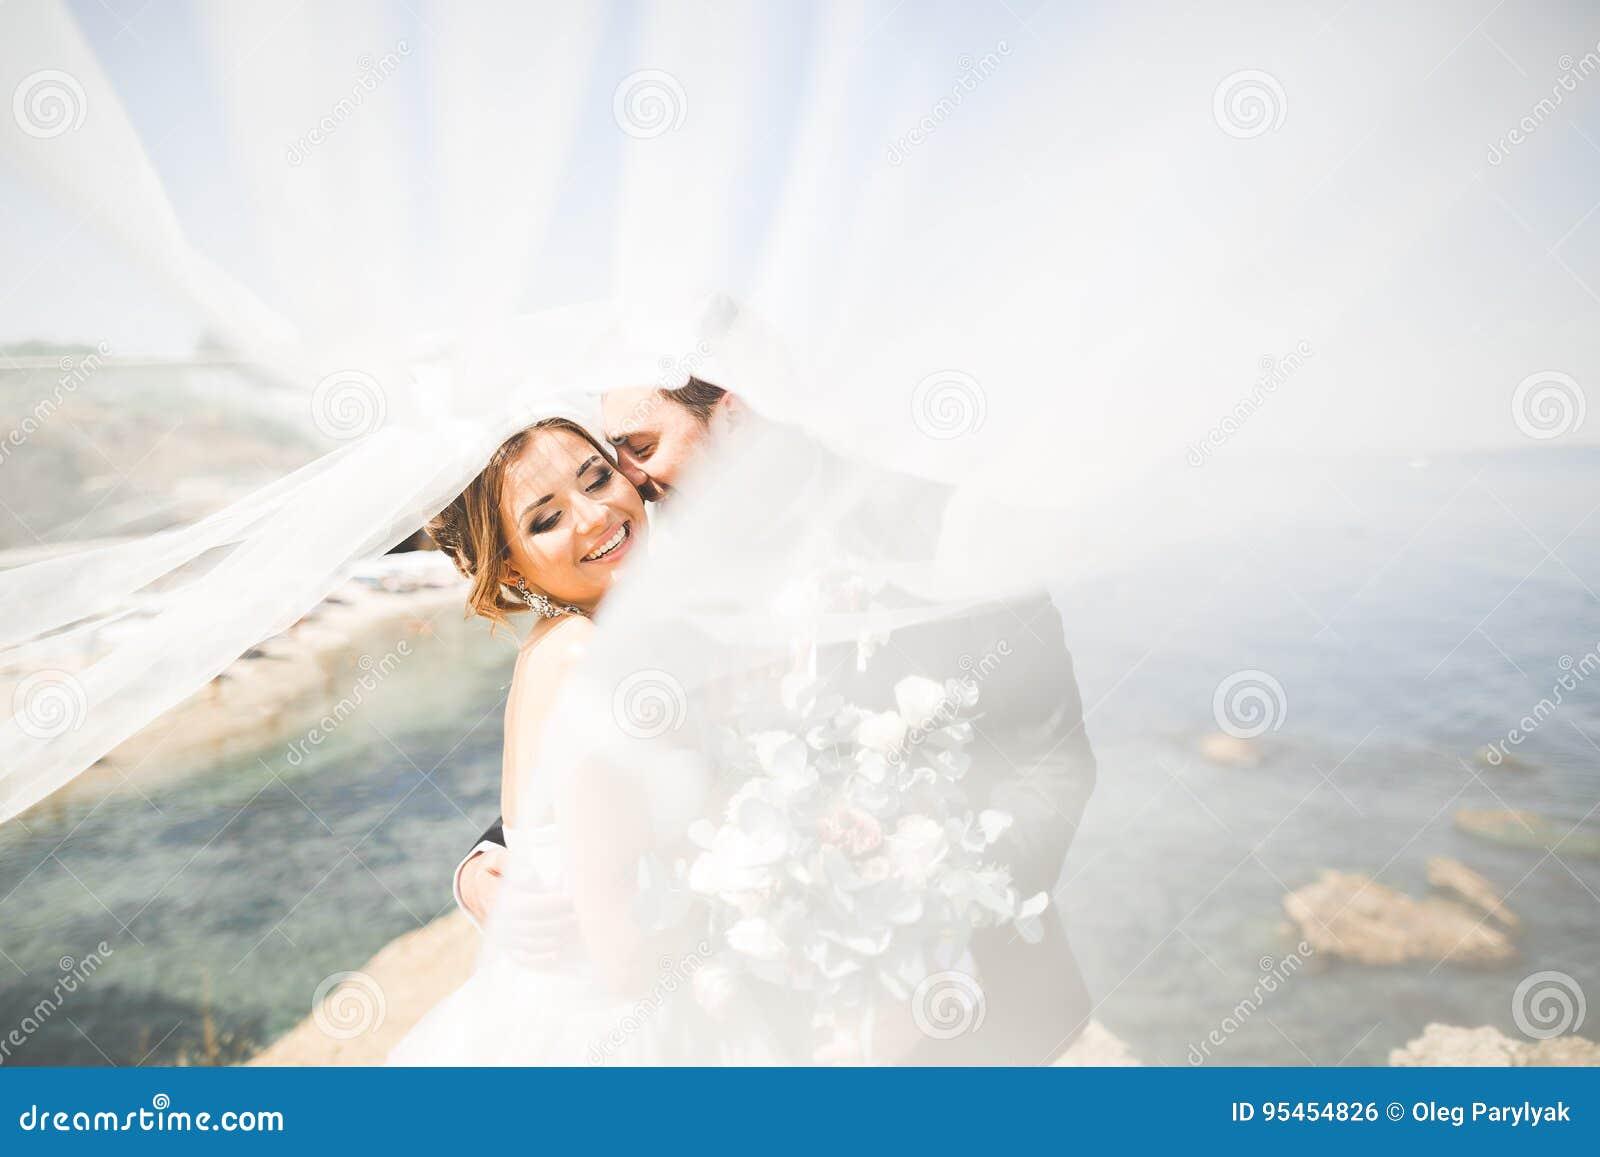 Lycklig och romantisk plats av precis gifta unga brölloppar som poserar på den härliga stranden